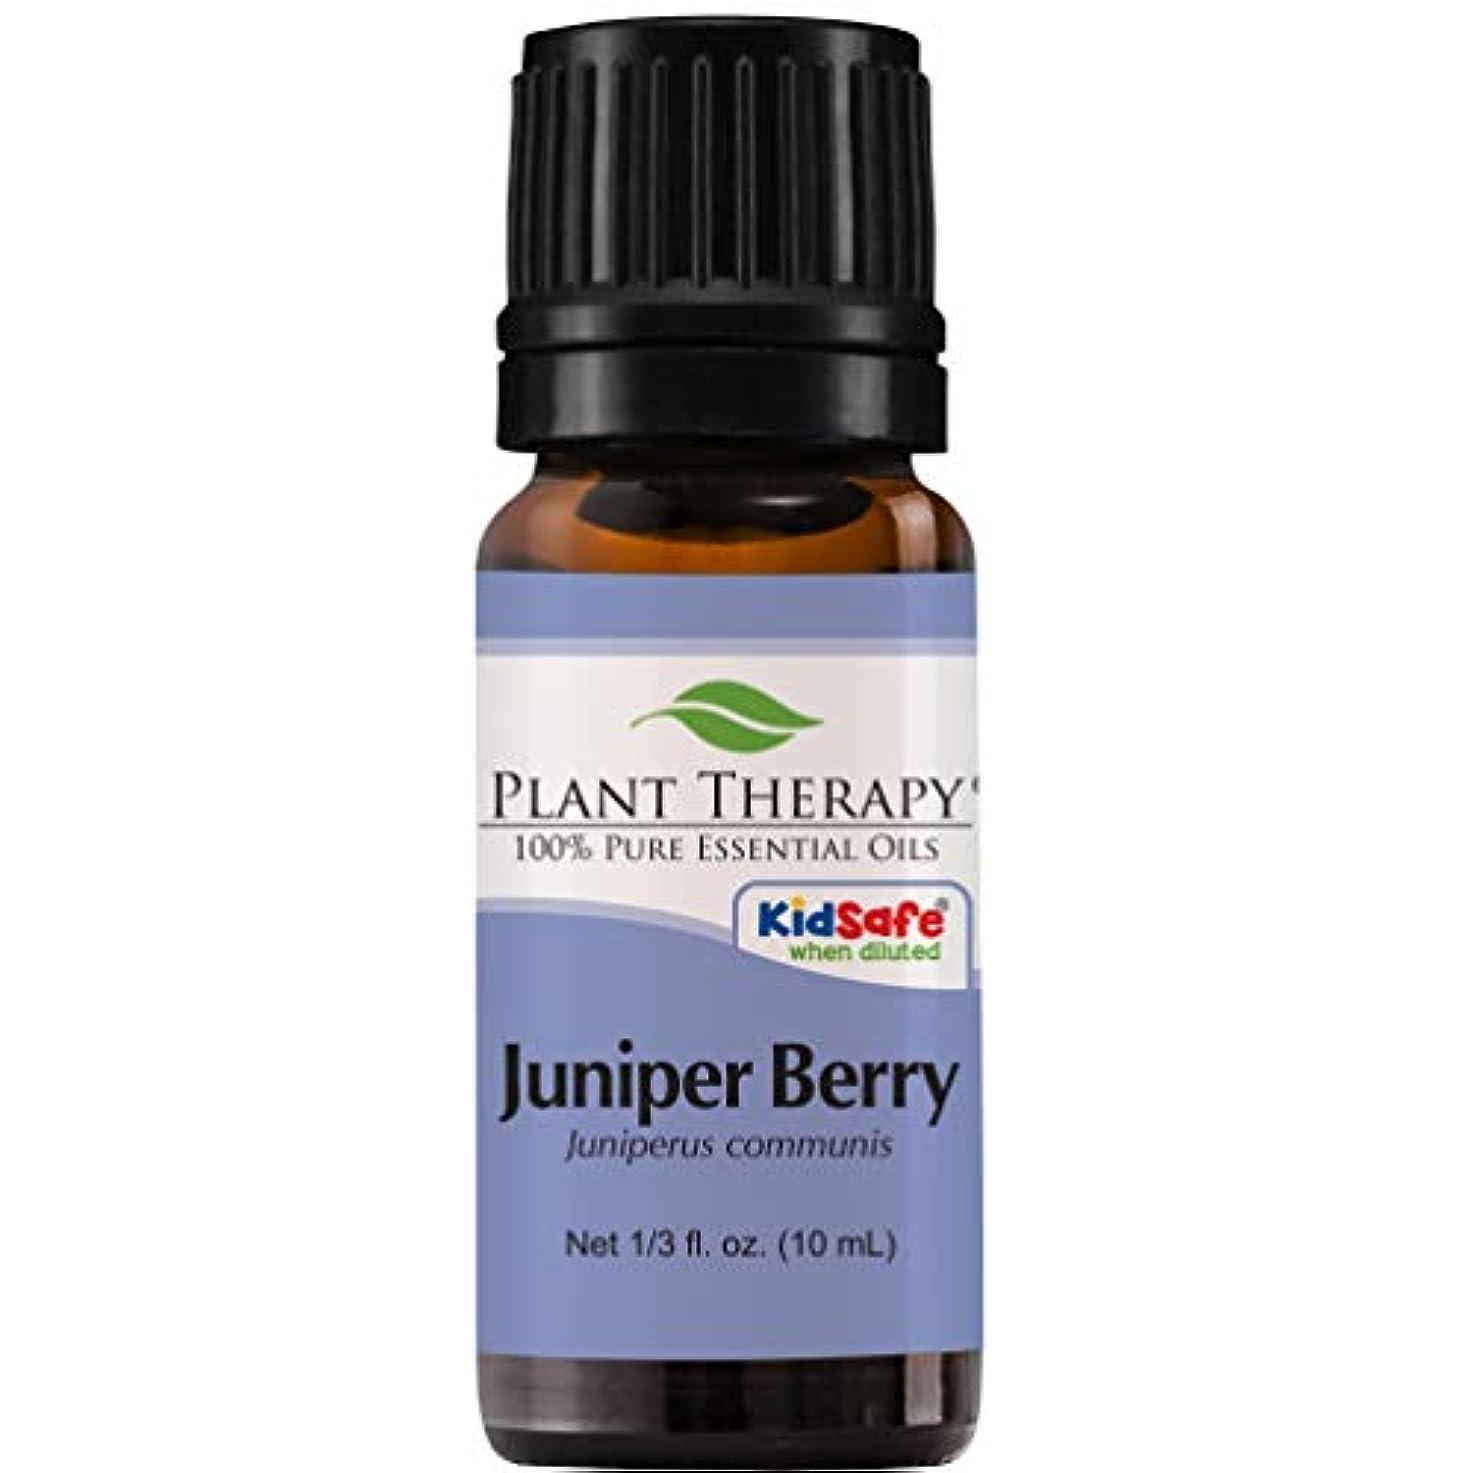 短命蓮始まりPlant Therapy Juniper Berry Essential Oil. 100% Pure, Undiluted, Therapeutic Grade. 10 ml (1/3 oz).